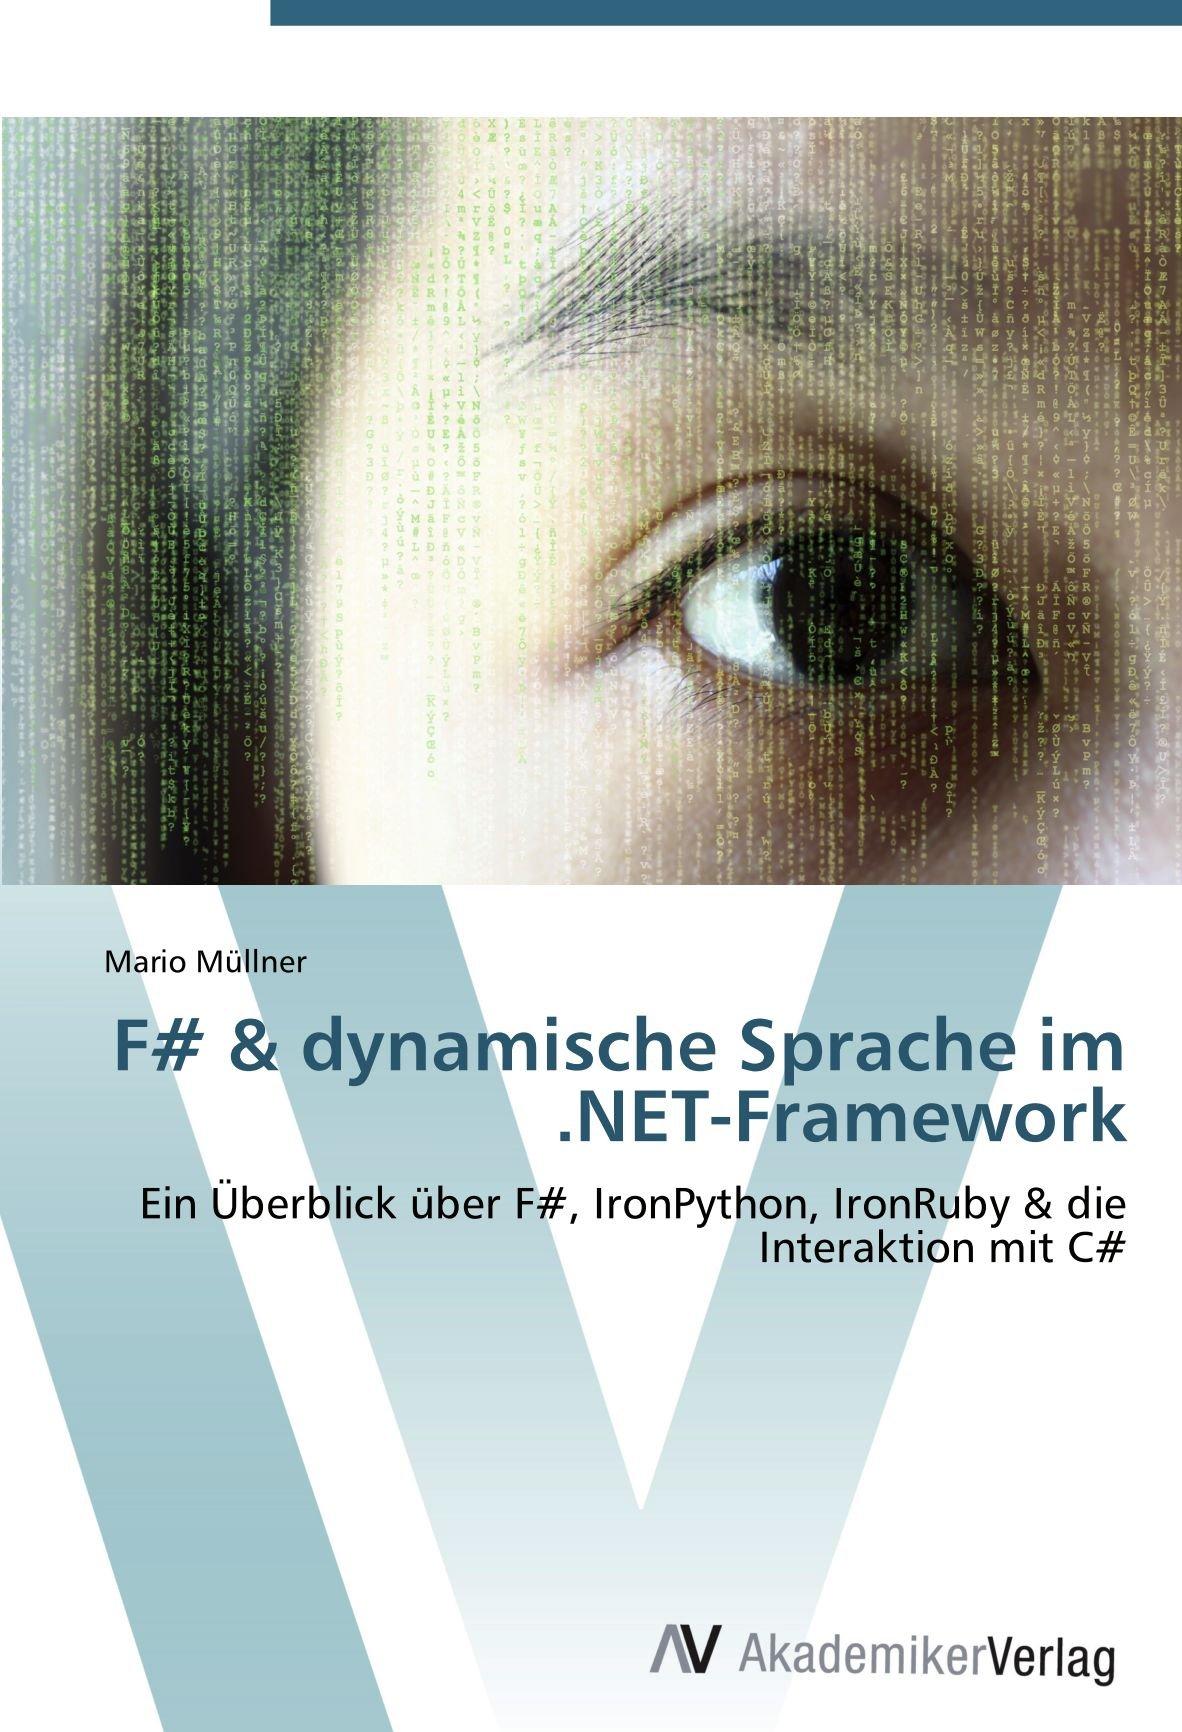 F# & dynamische Sprache im .NET-Framework: Ein Überblick über F#, IronPython, IronRuby & die Interaktion mit C#